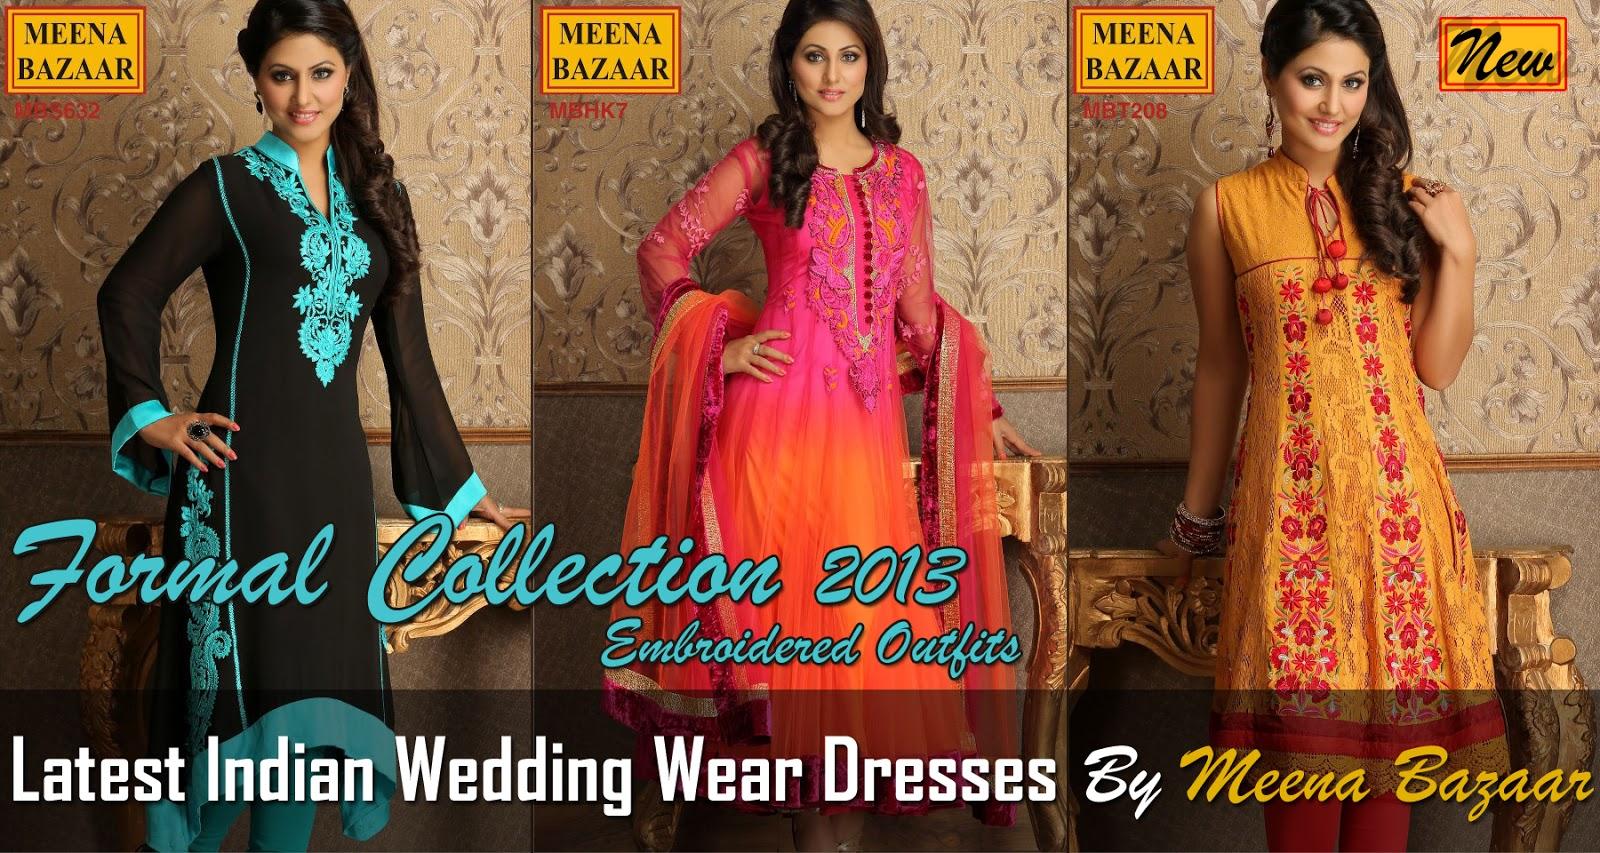 Indian Wedding Suits 2013 By Meena Bazaar Formal Dresses 2013 For